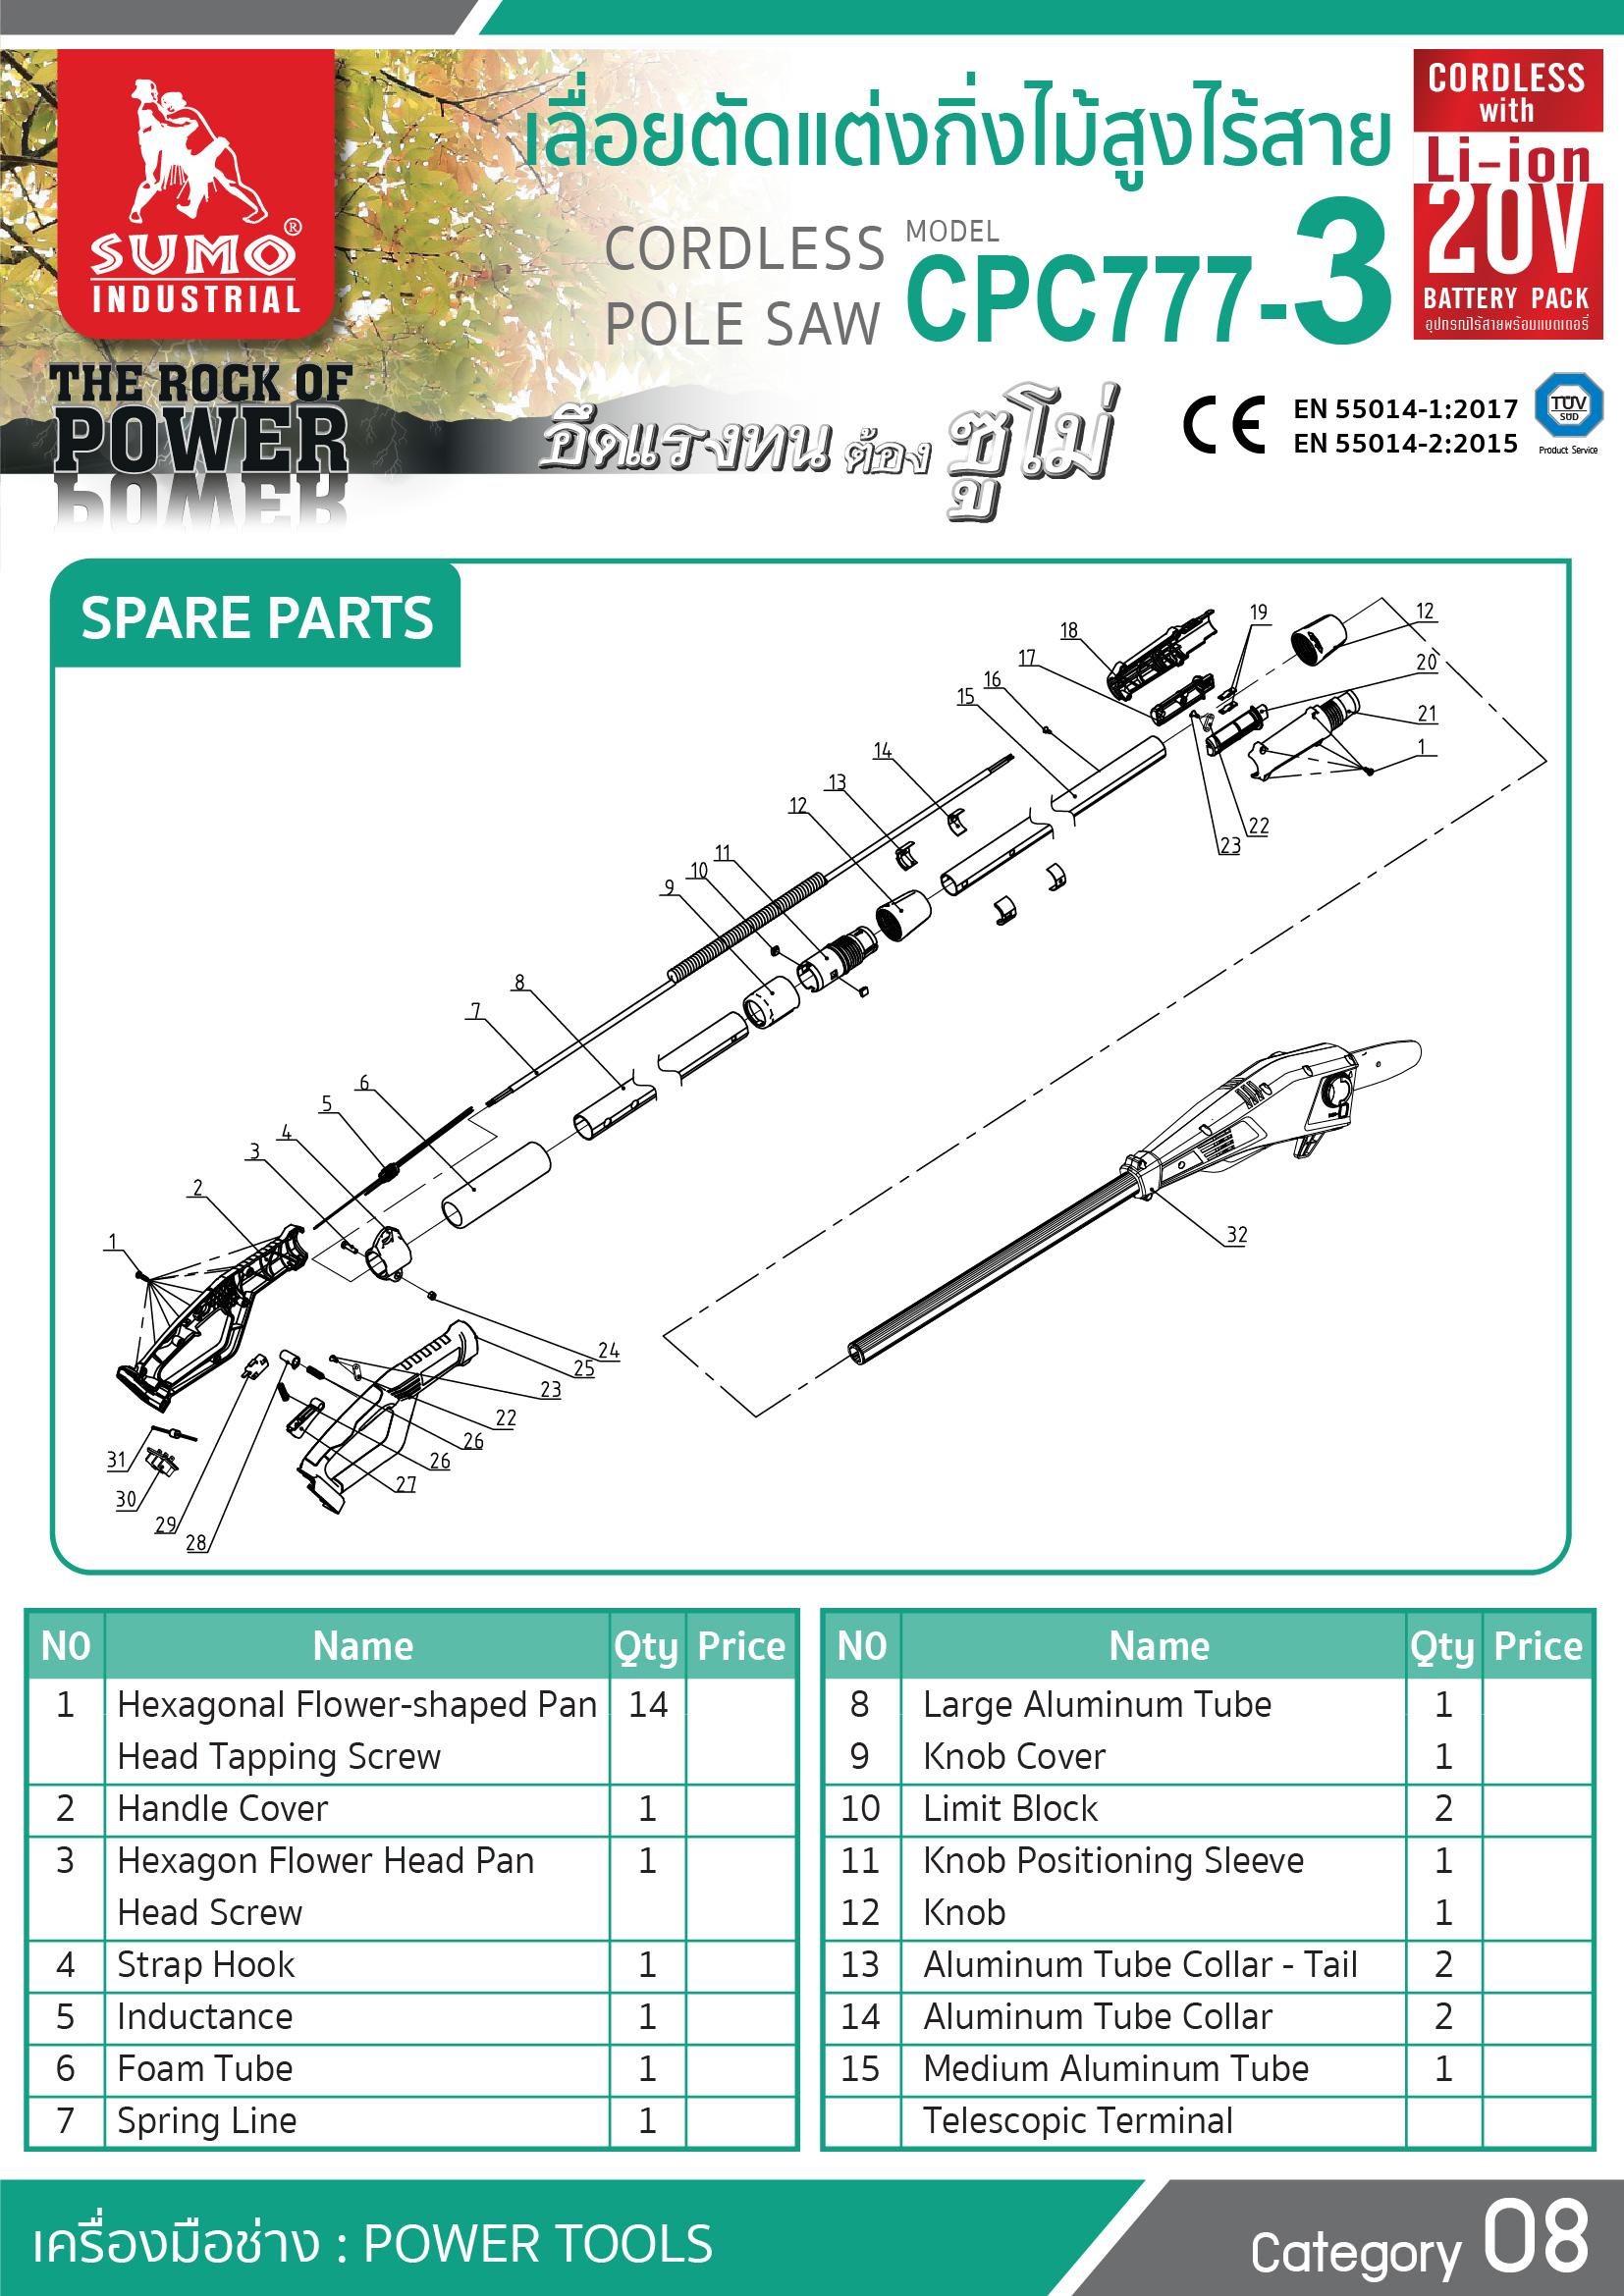 (10/19) เลื่อยตัดแต่งพุ่มไม้สูงไร้สาย รุ่น CPC777-3